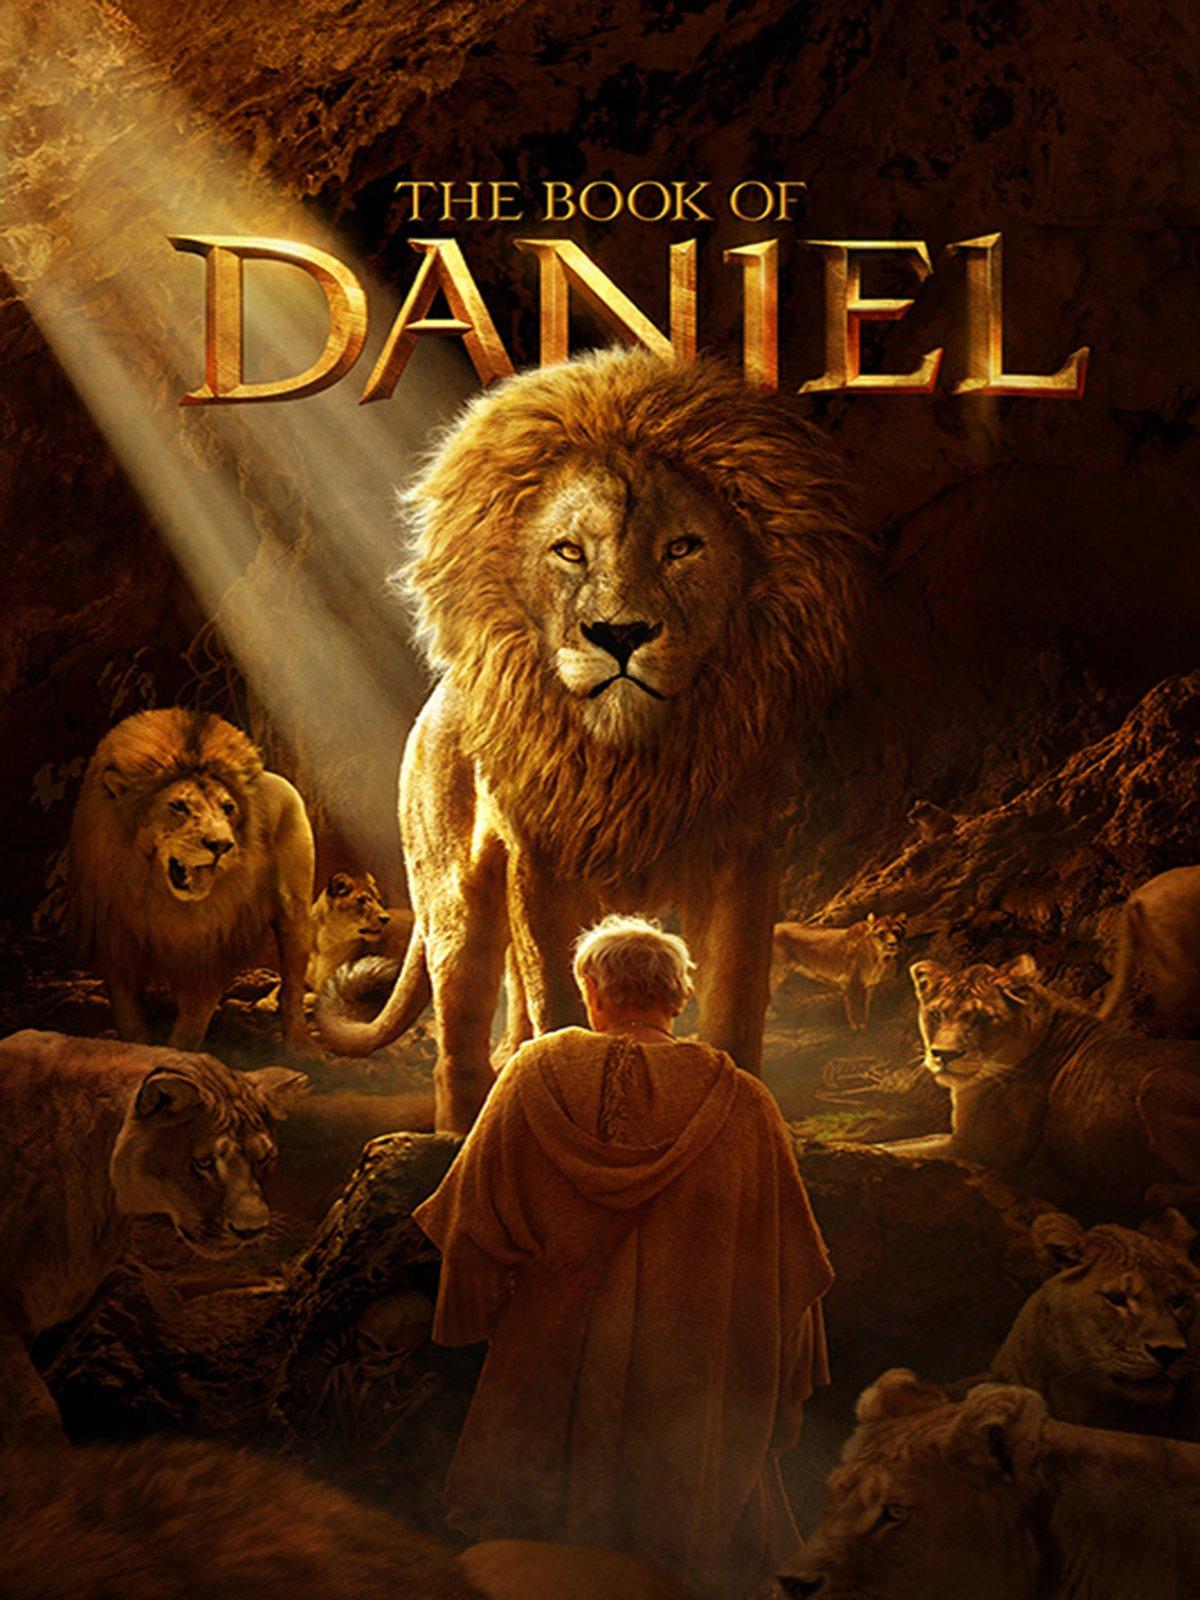 amazon com book of daniel robert miano andrew bongiorno lance